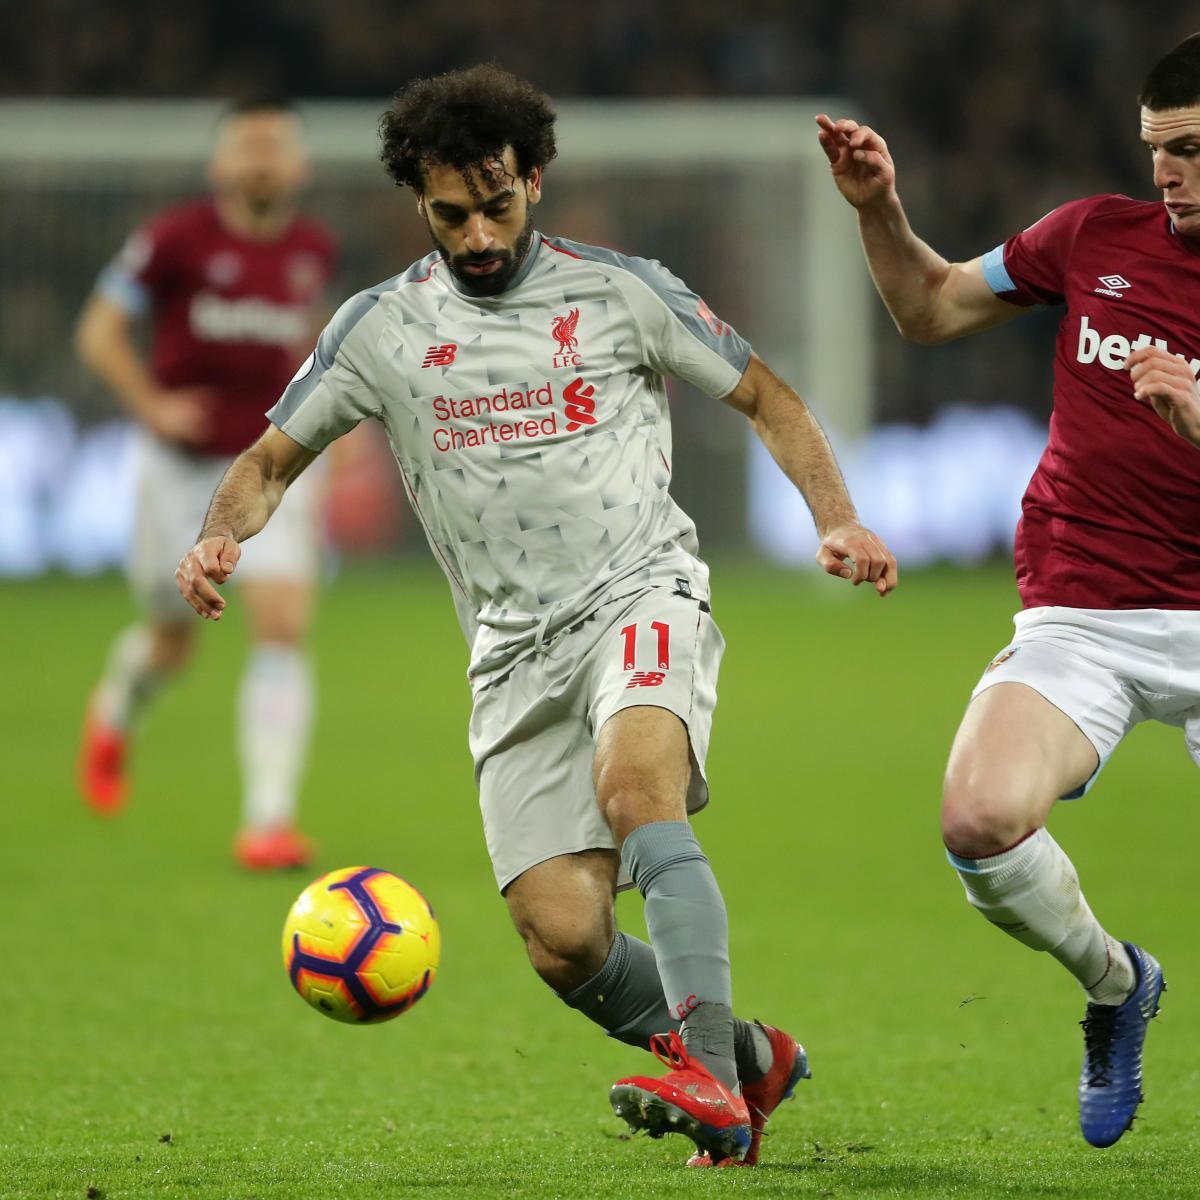 Liverpool Vs Man Utd U19s Result: Premier League Table: Final Week 25 2019 Standings